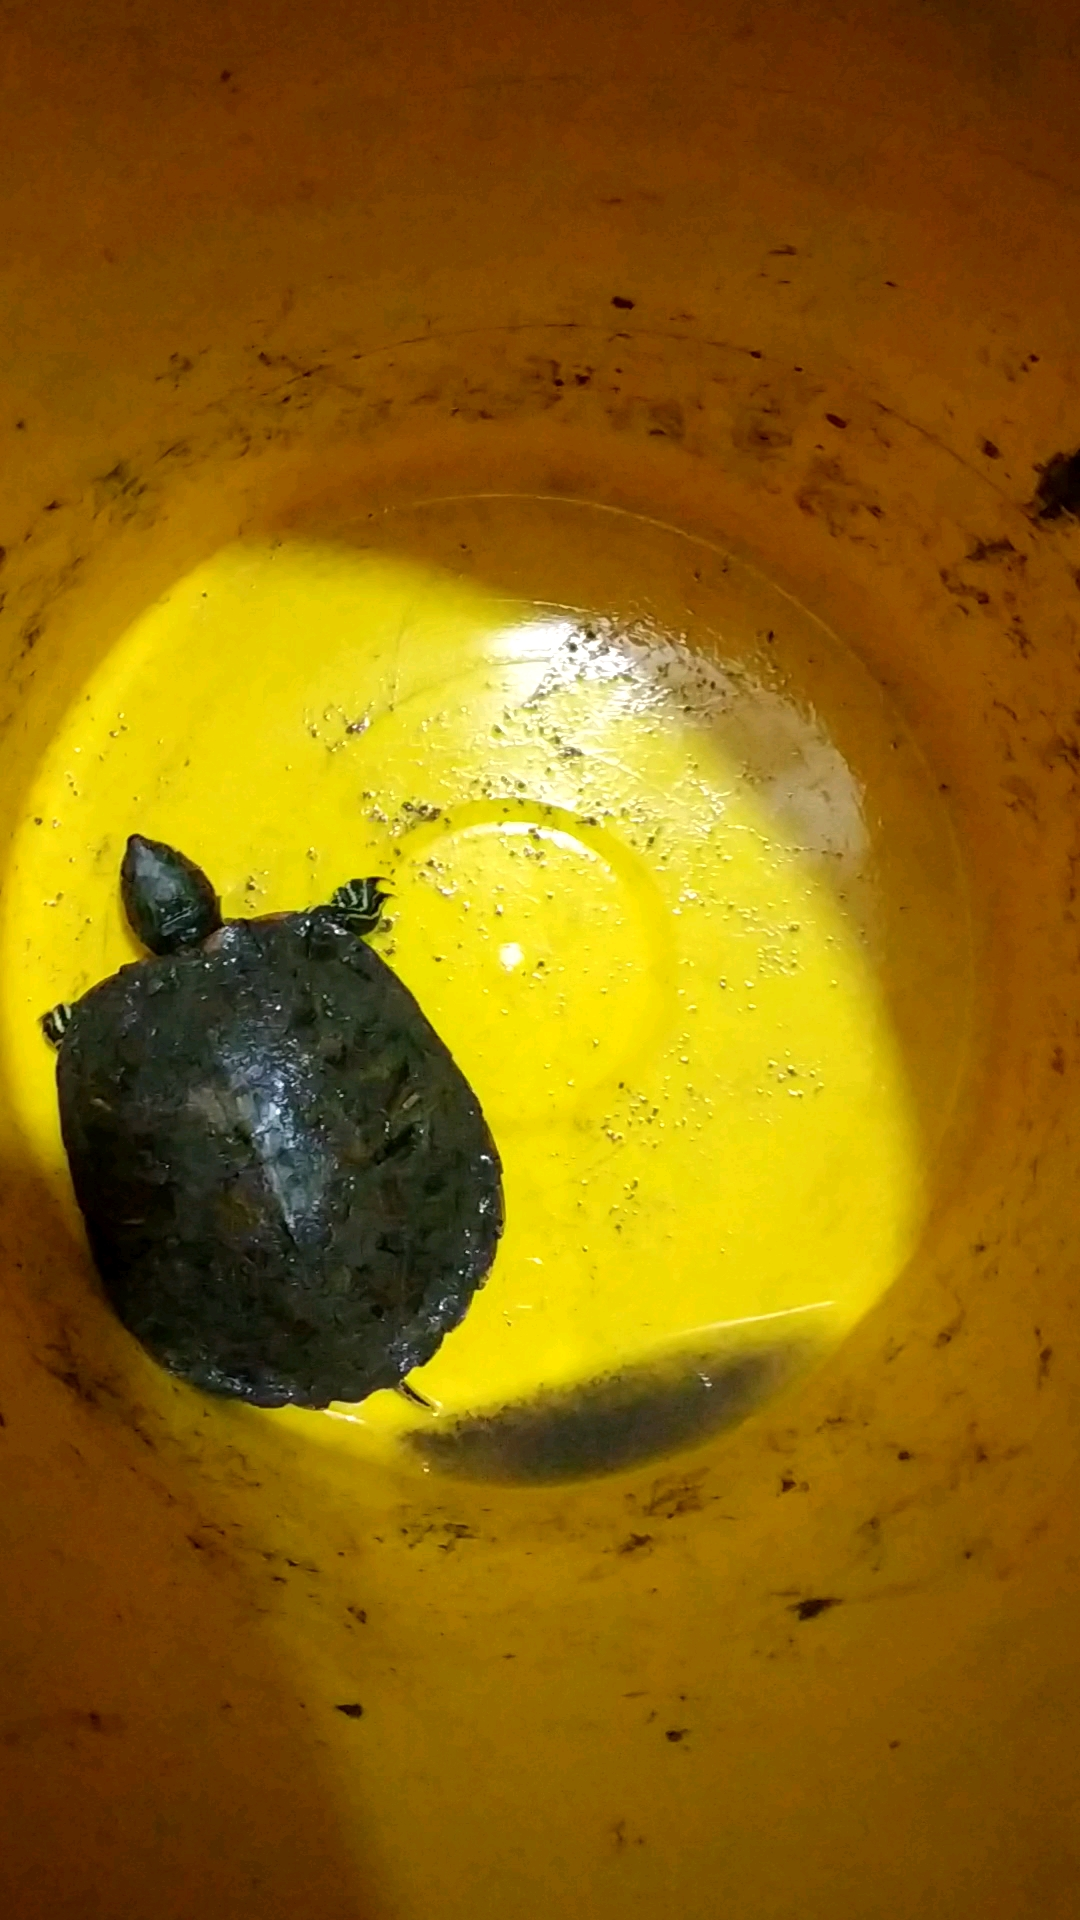 抓了一只小乌龟